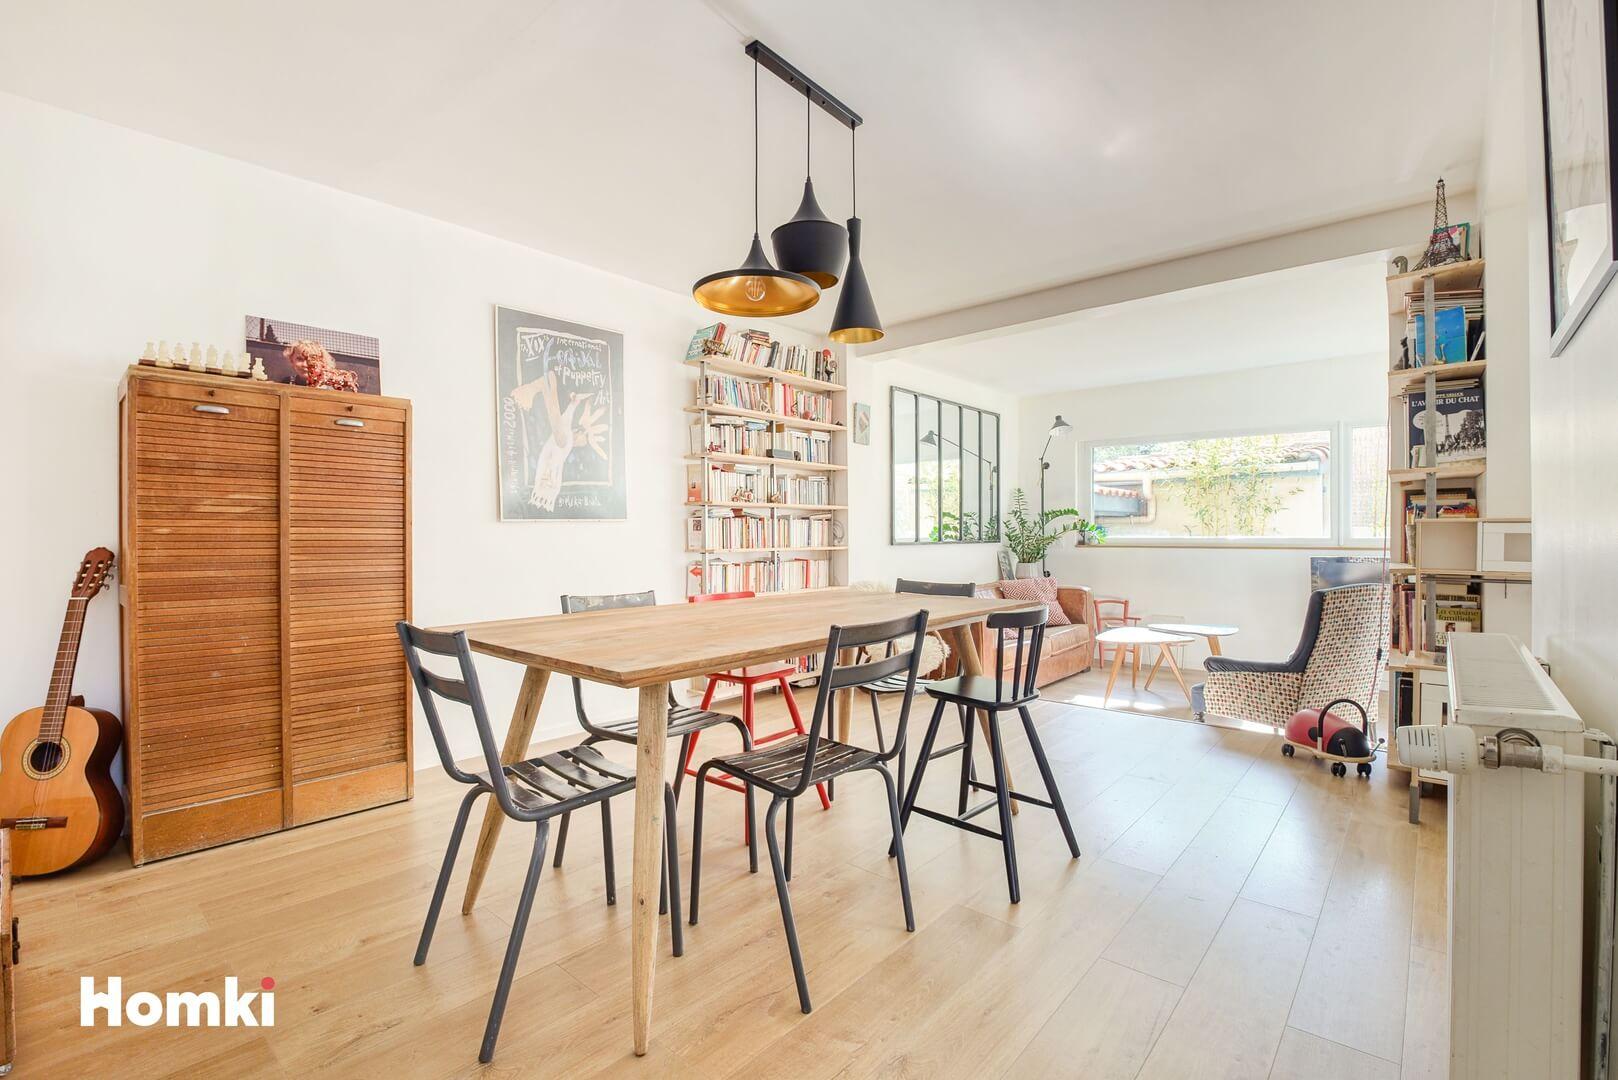 Homki - Vente Maison/villa  de 92.0 m² à Toulouse 31500